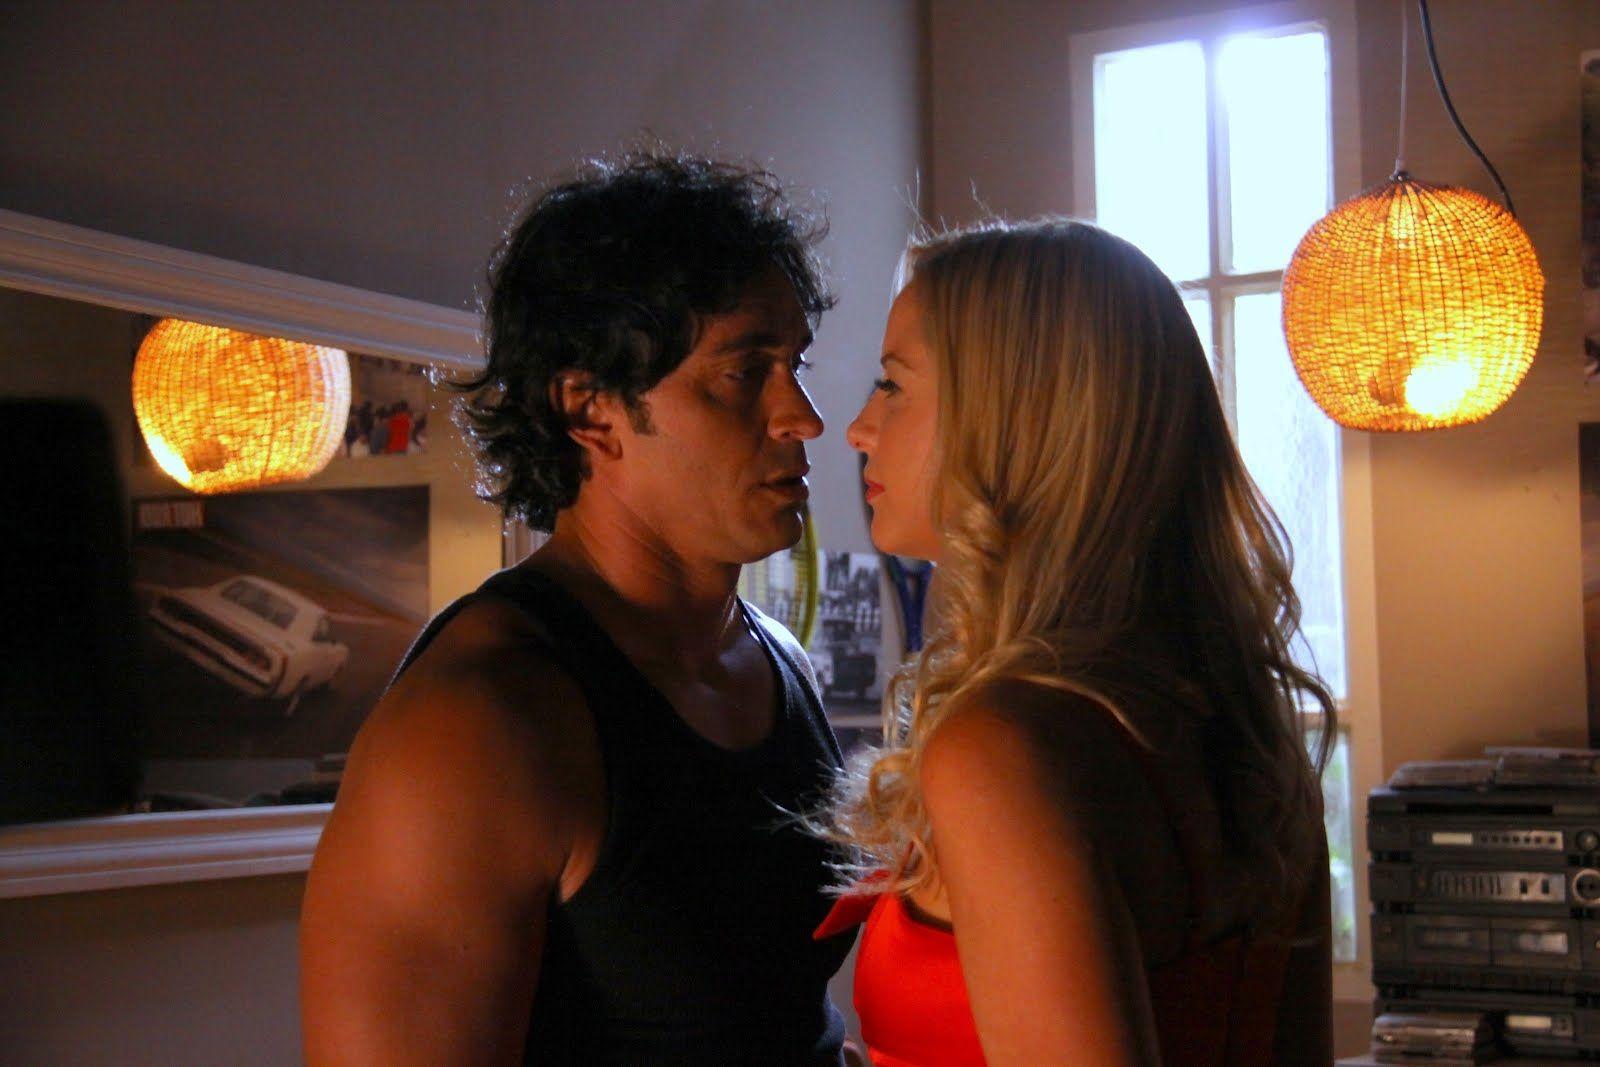 Llega el momento más esperado en Dulce amor: el reencuentro de Marcos y Victoria